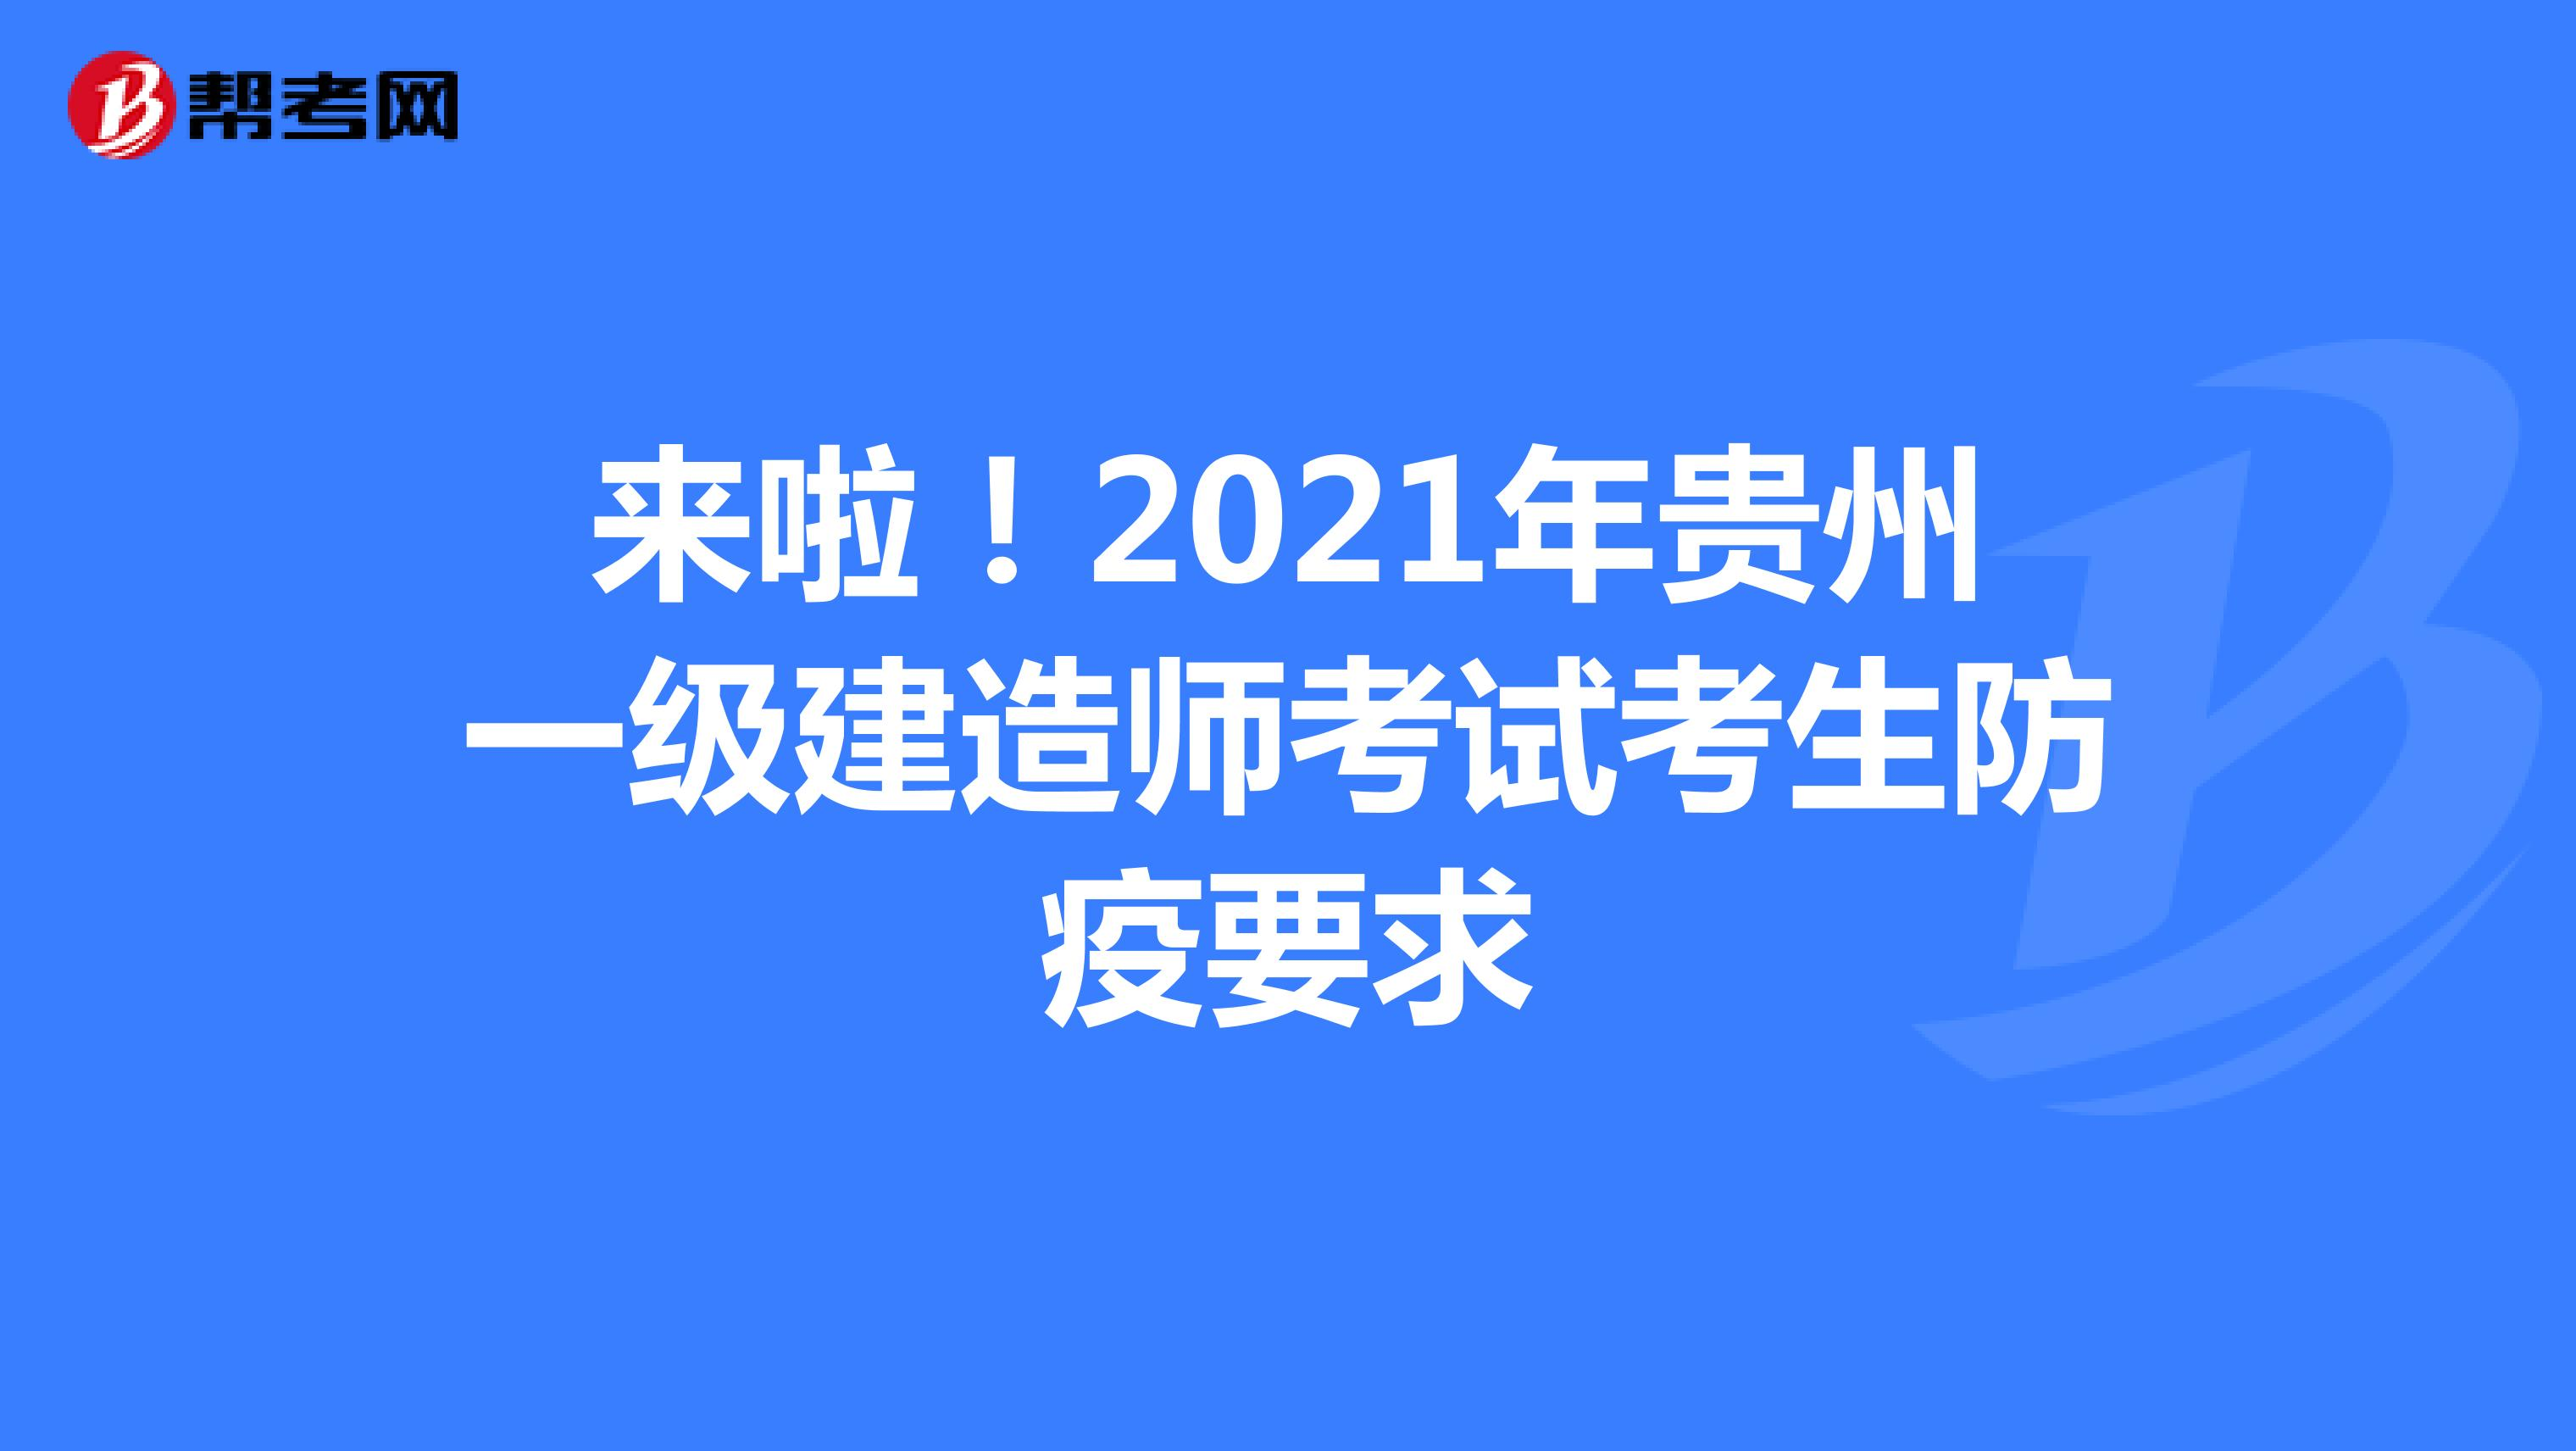 来啦!2021年贵州一级建造师考试考生防疫要求